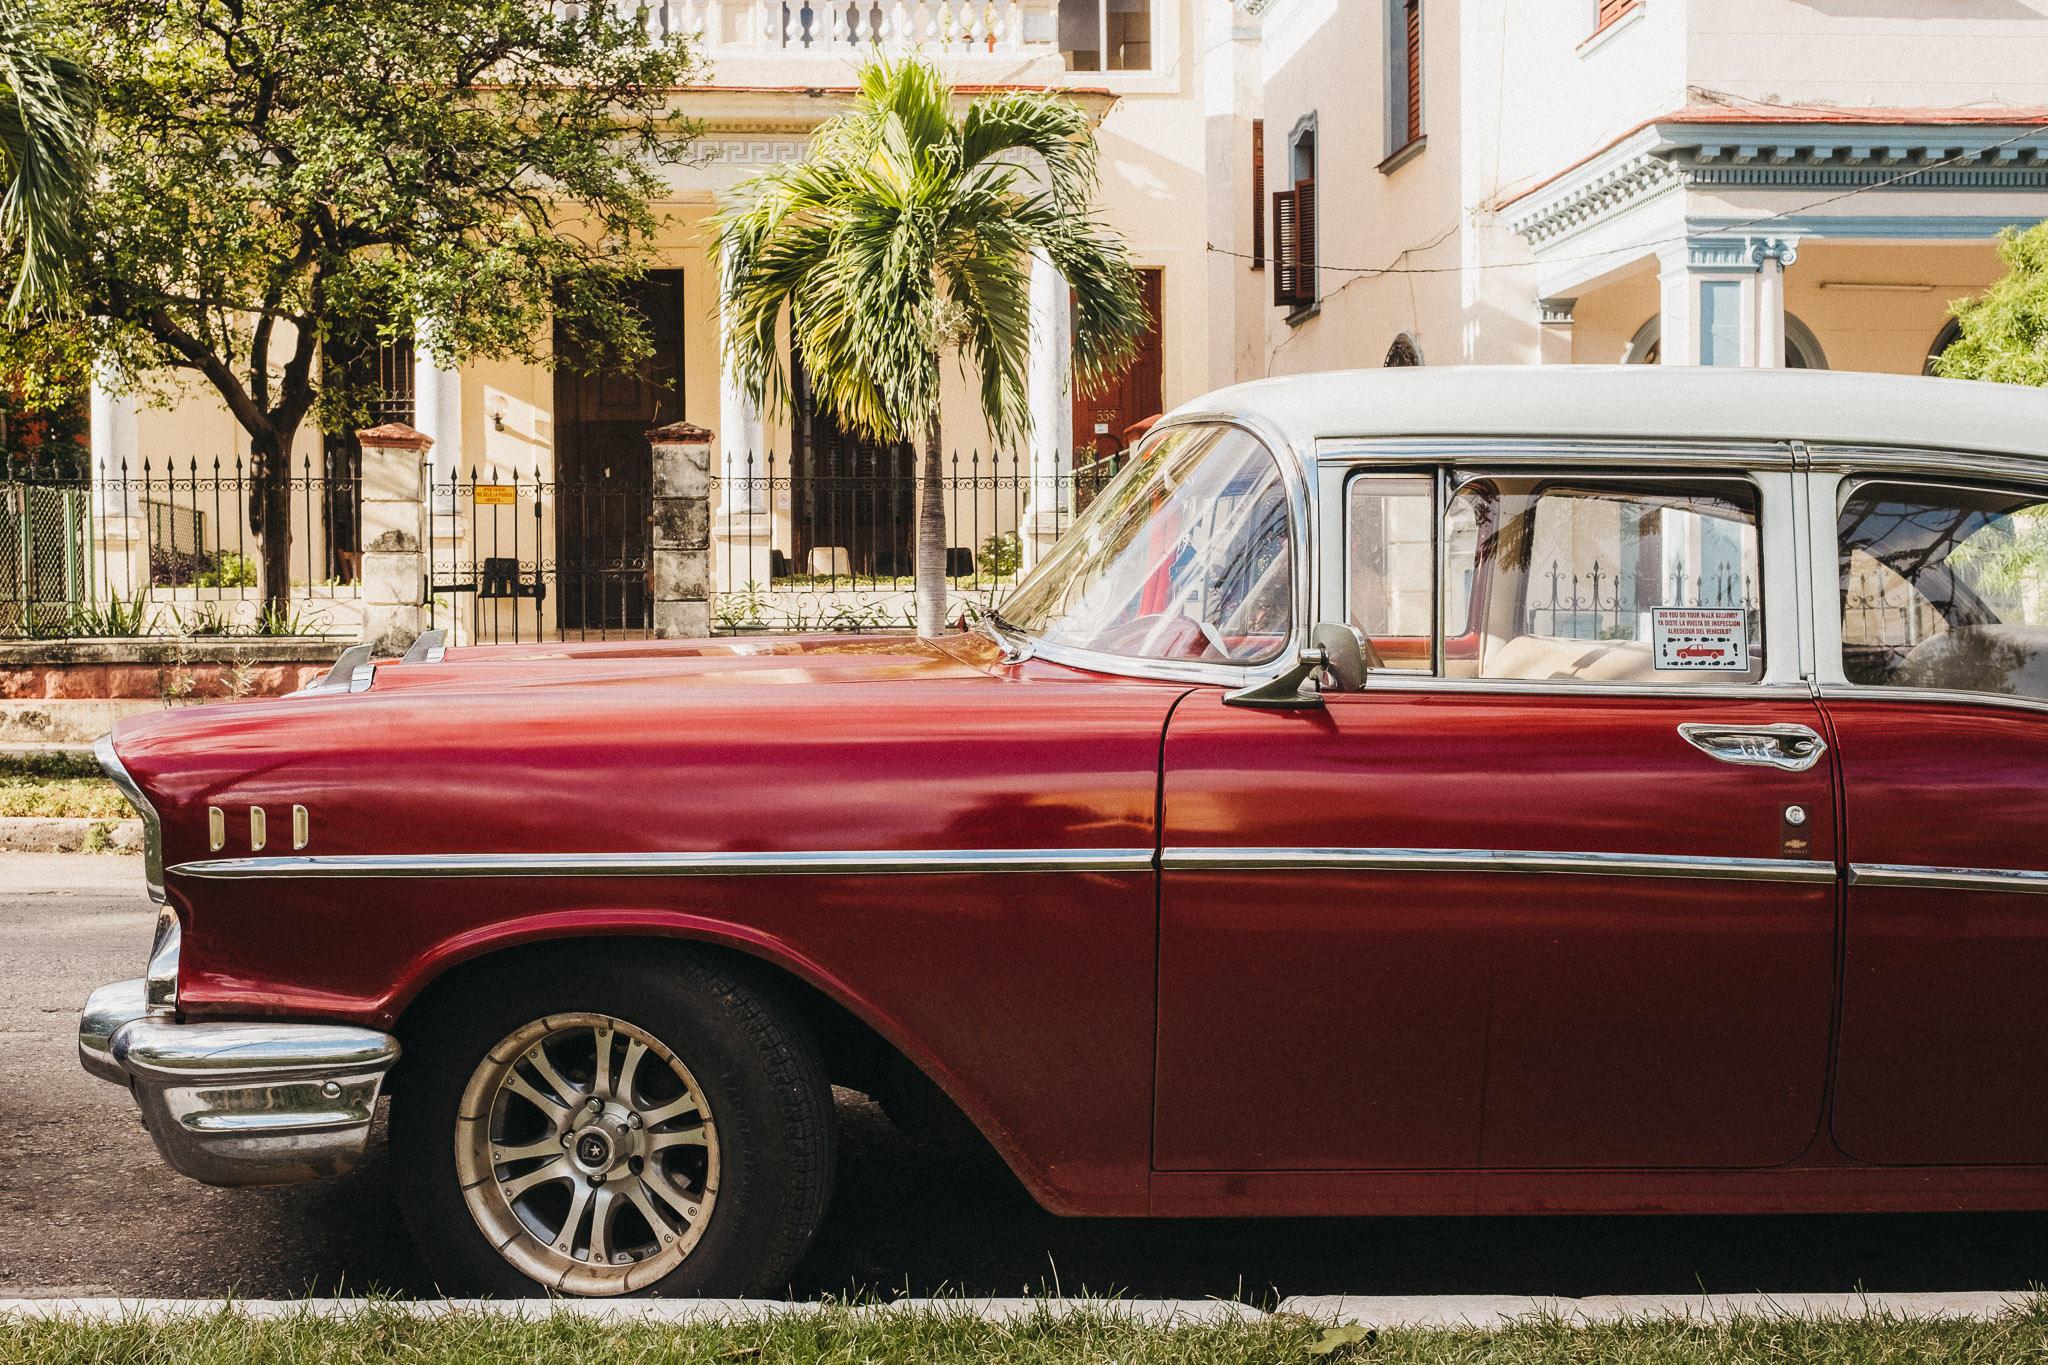 Cuba-2017-12-Havana-0673.jpg